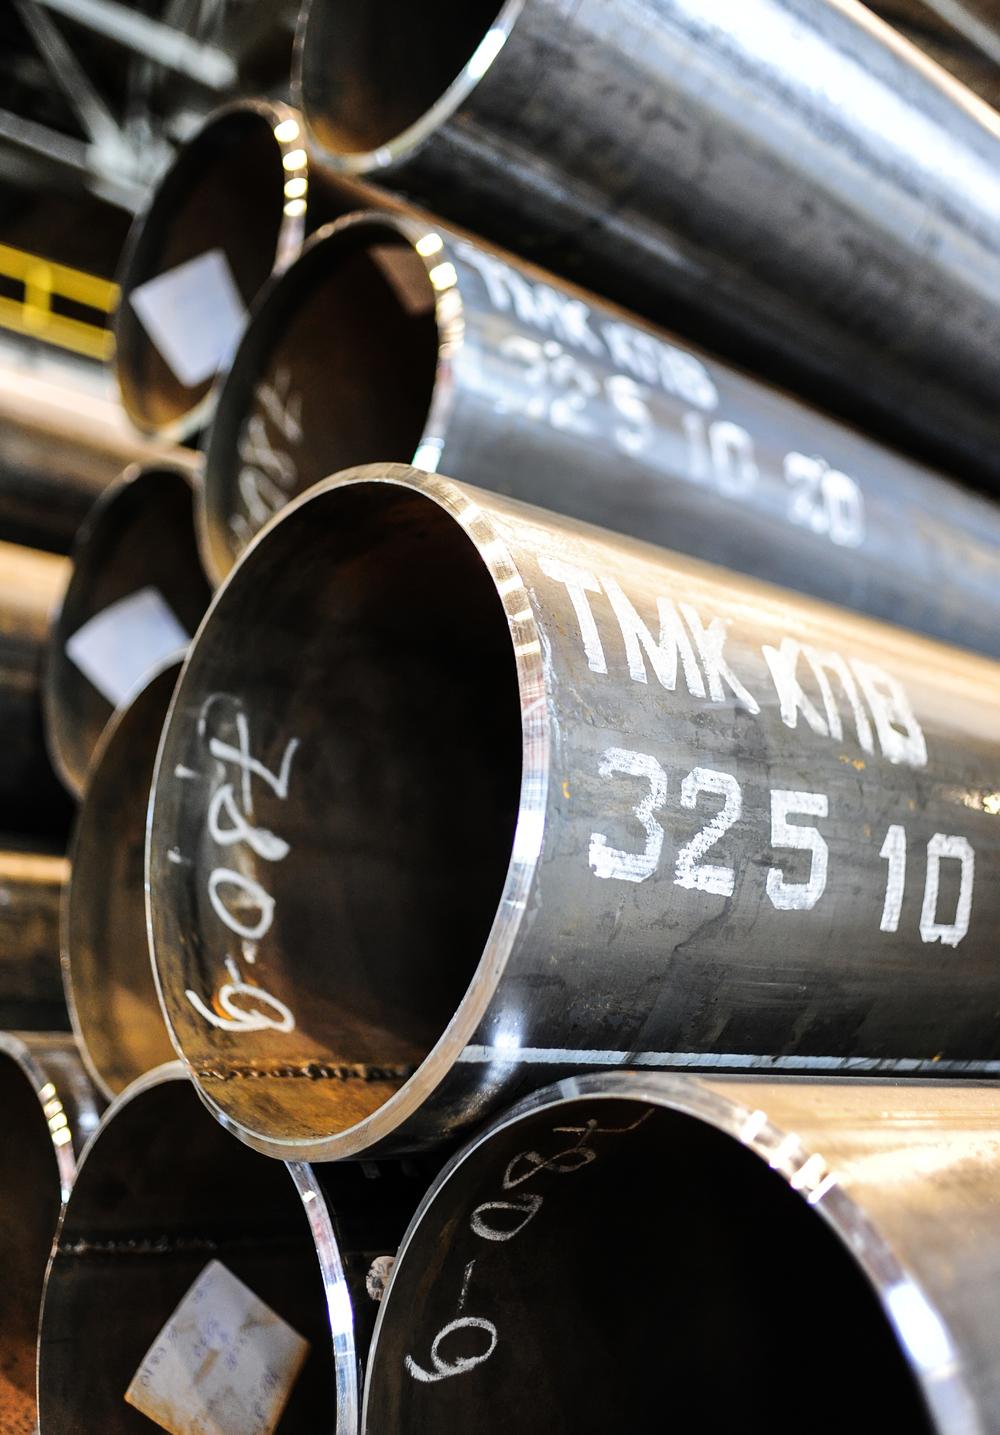 Programmation et optimisation sur des systèmes d'inspection de tubes d'acier